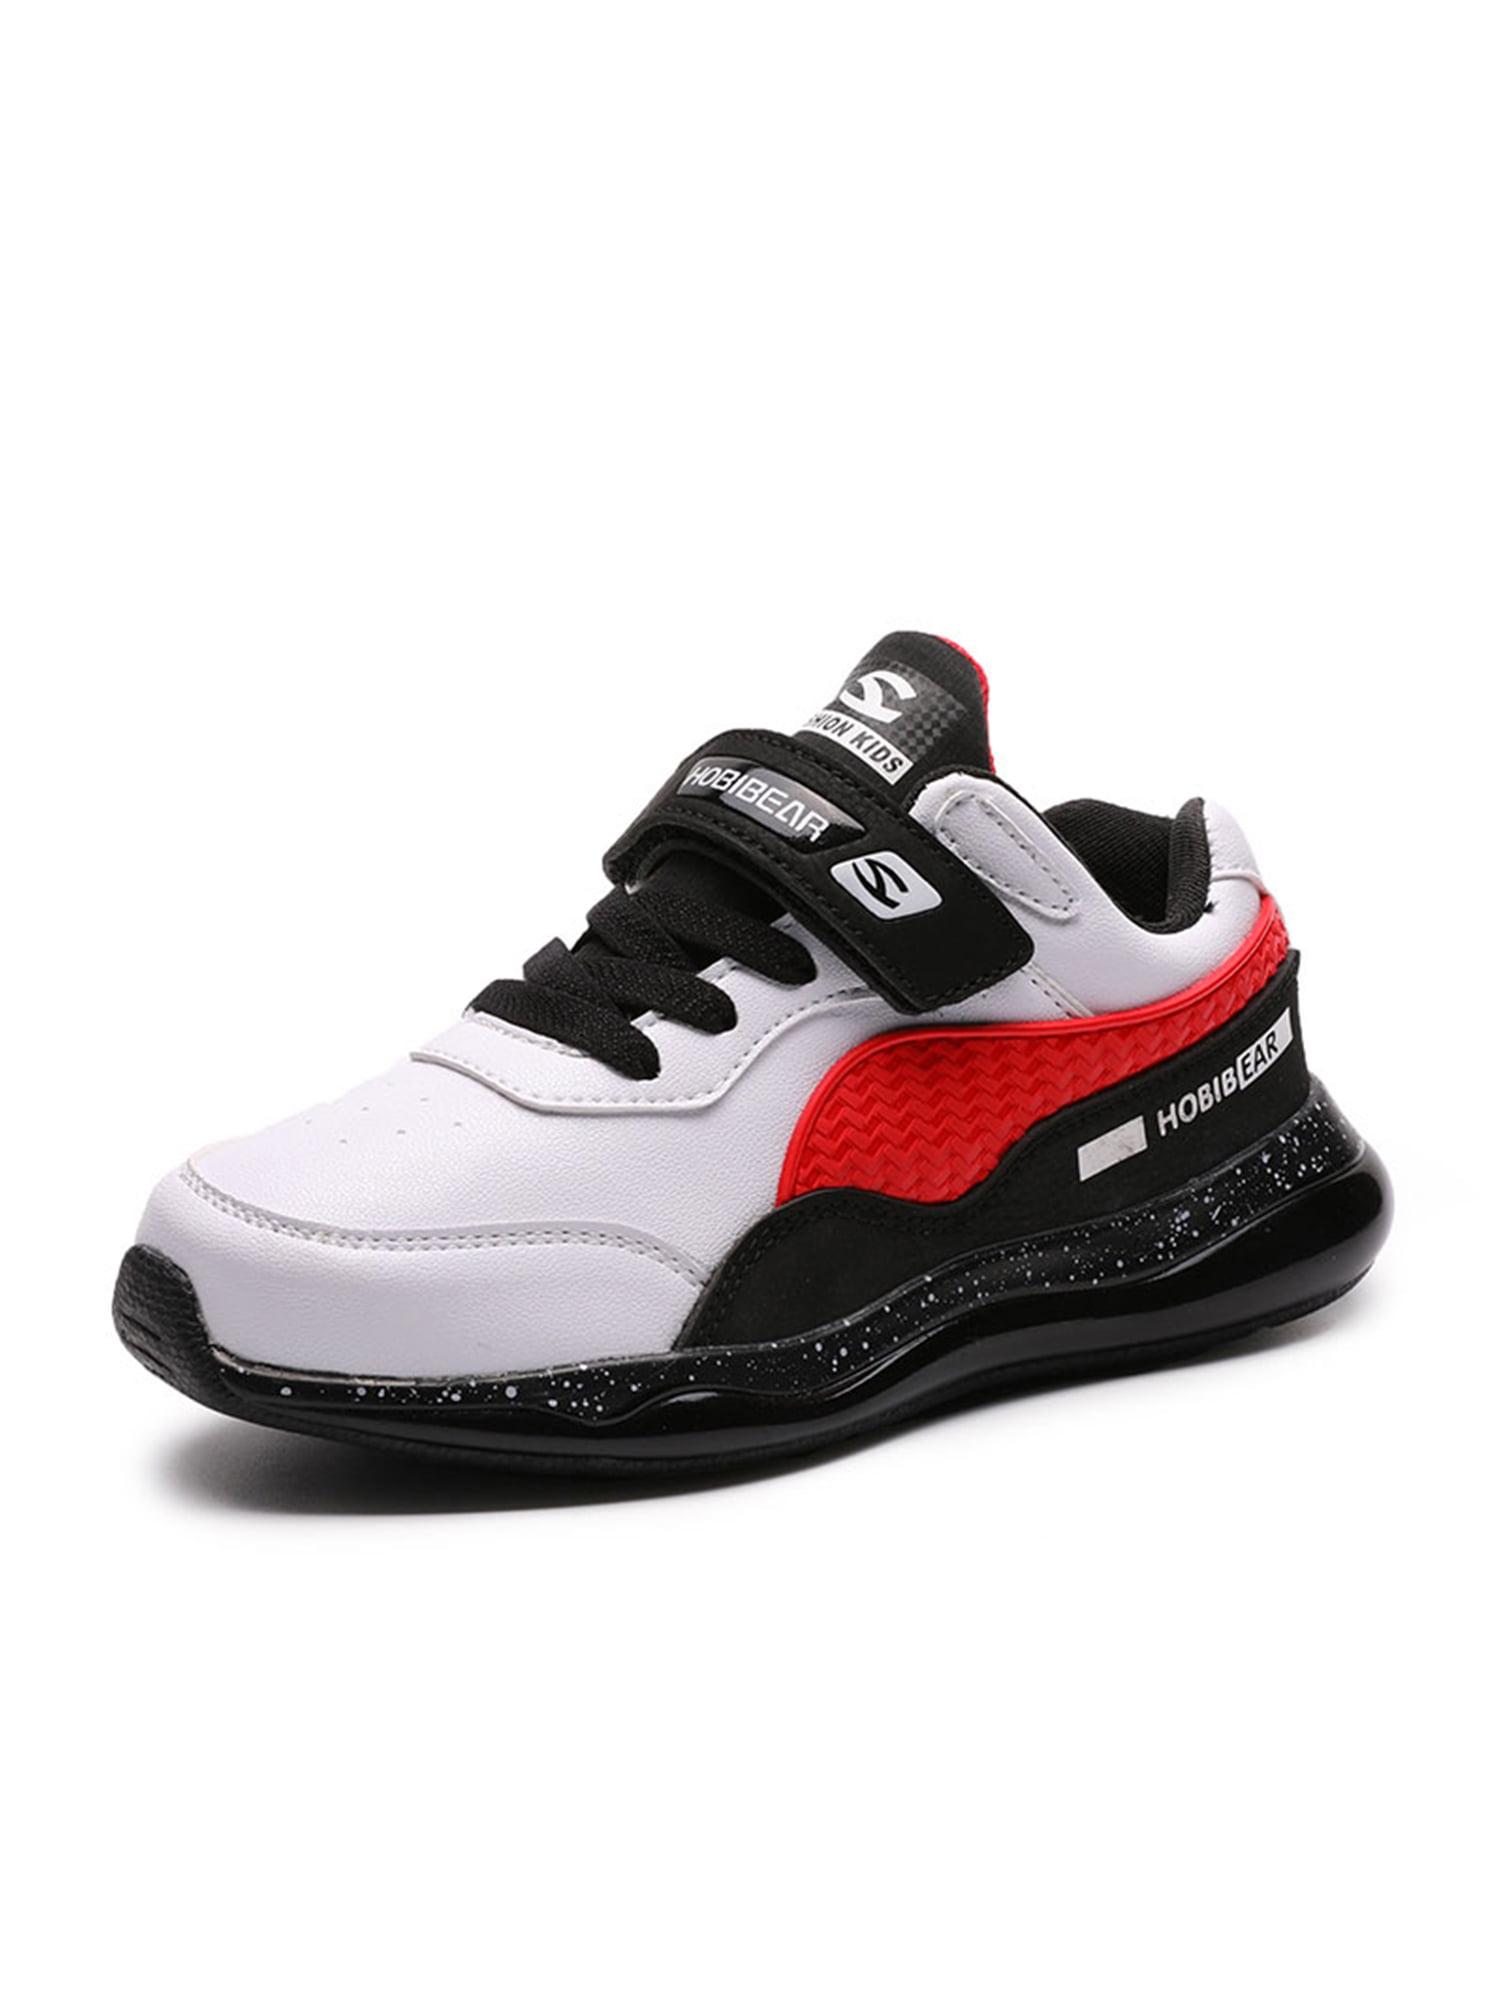 Kids Athletic Running Shoes Waterproof